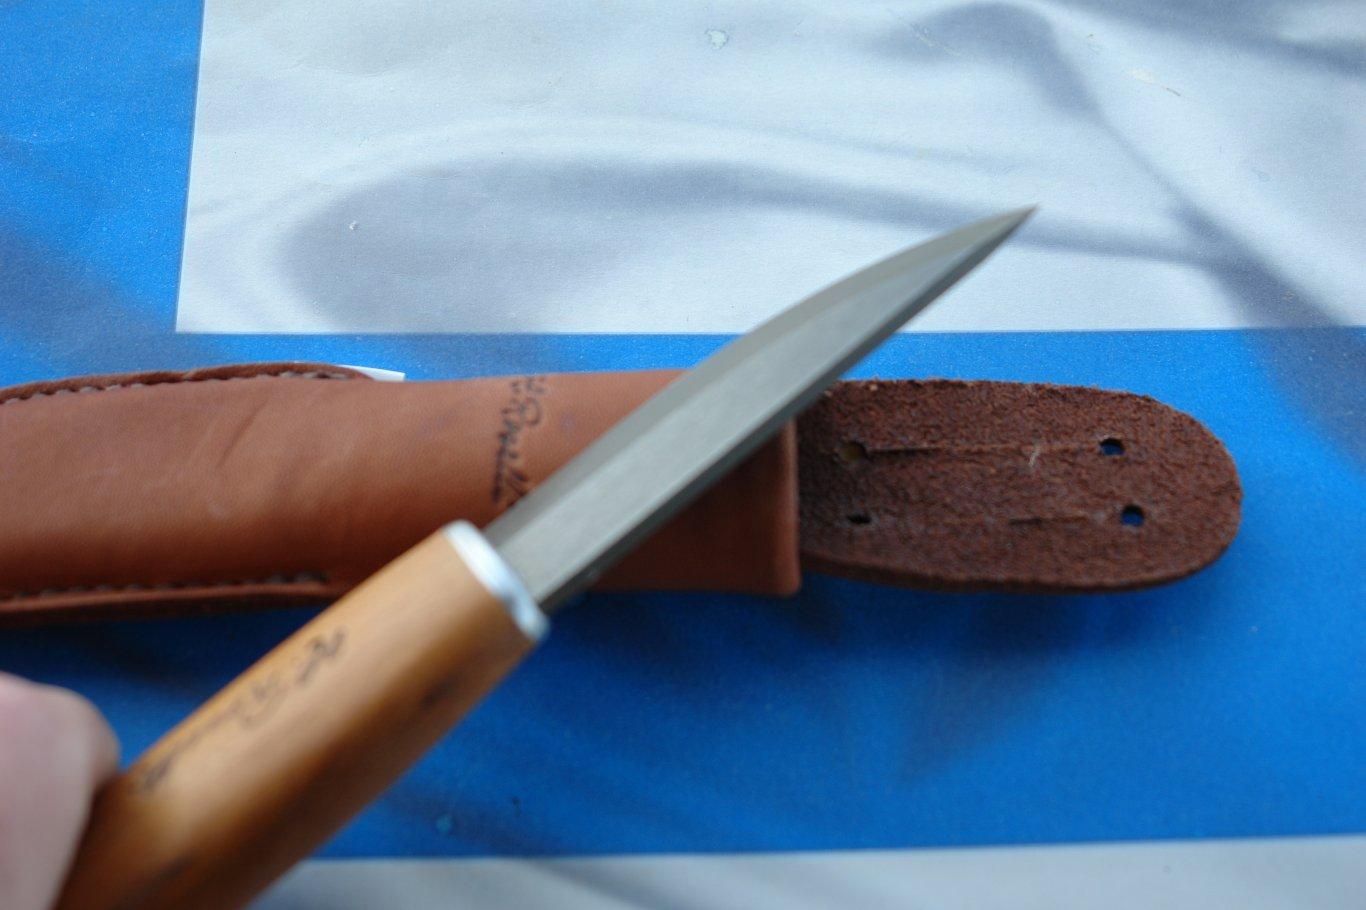 Новый финский Roselli Wootz UHC Carpenter knife | УКРАЇНСЬКЕ